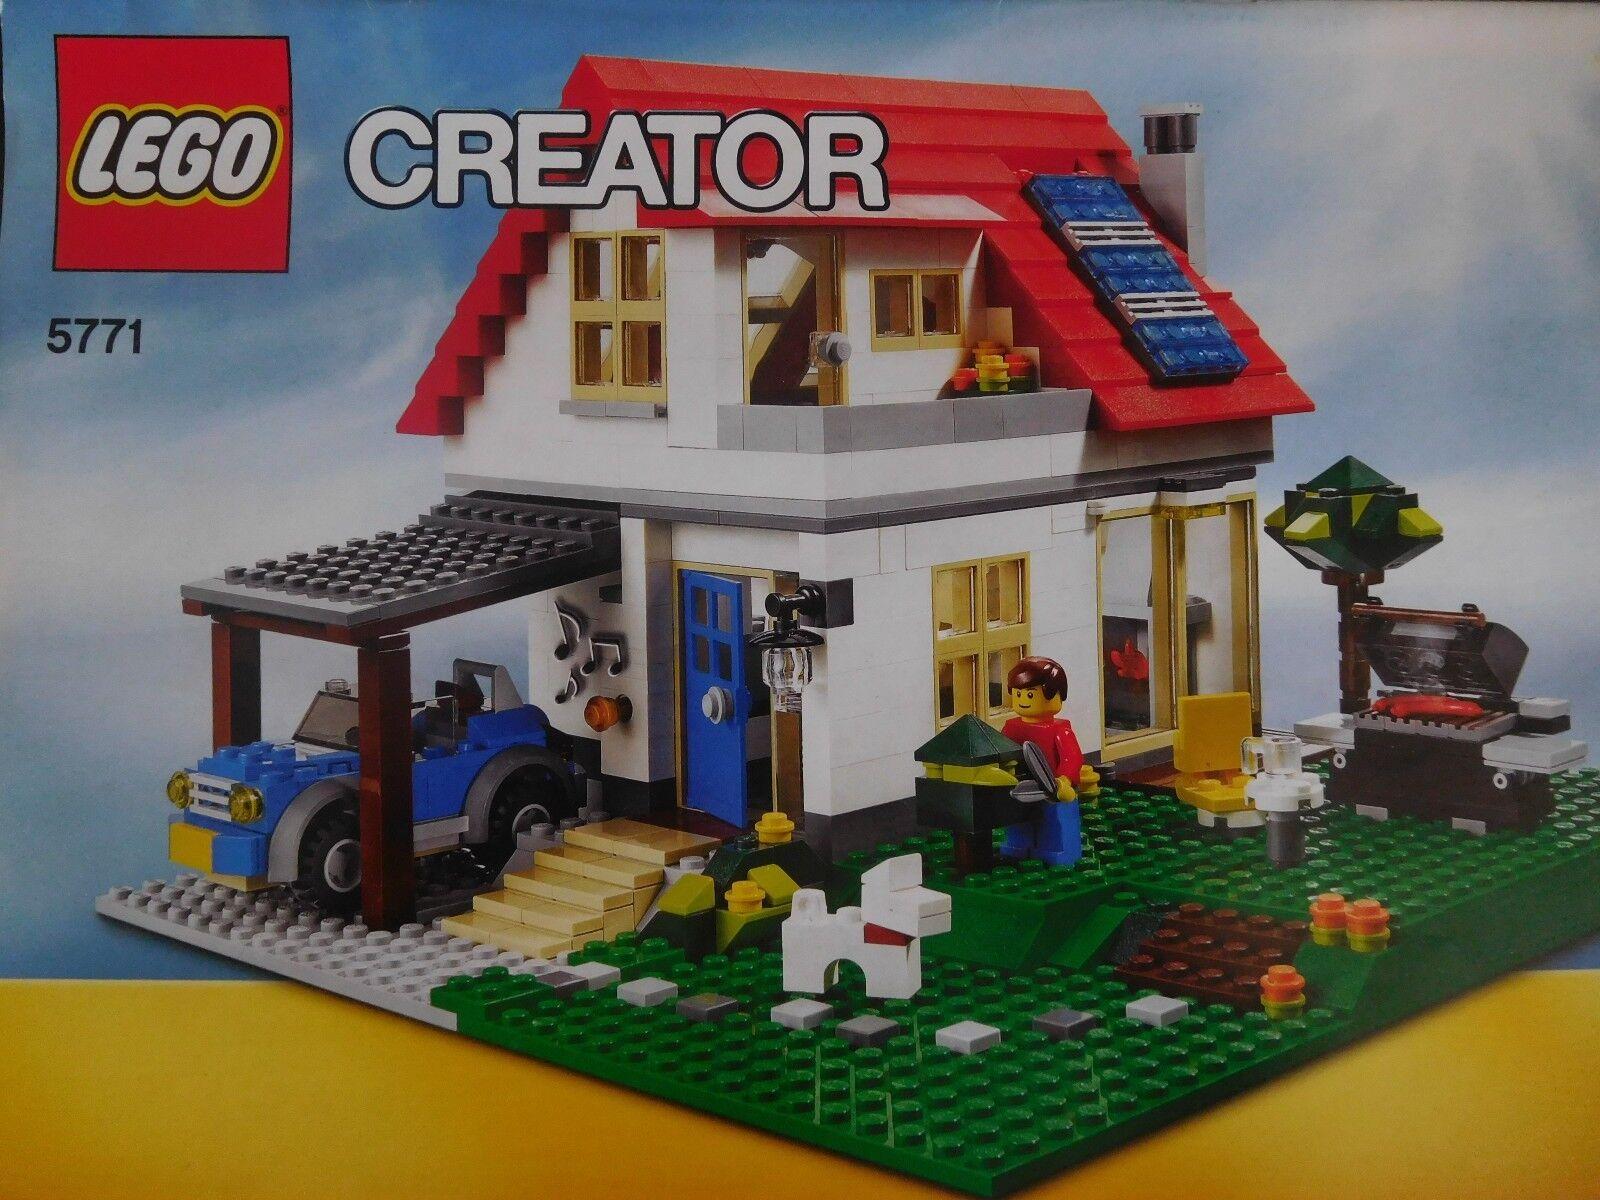 LEGO Creator Villa (5771) mit Bauanleitungen sowie OVP